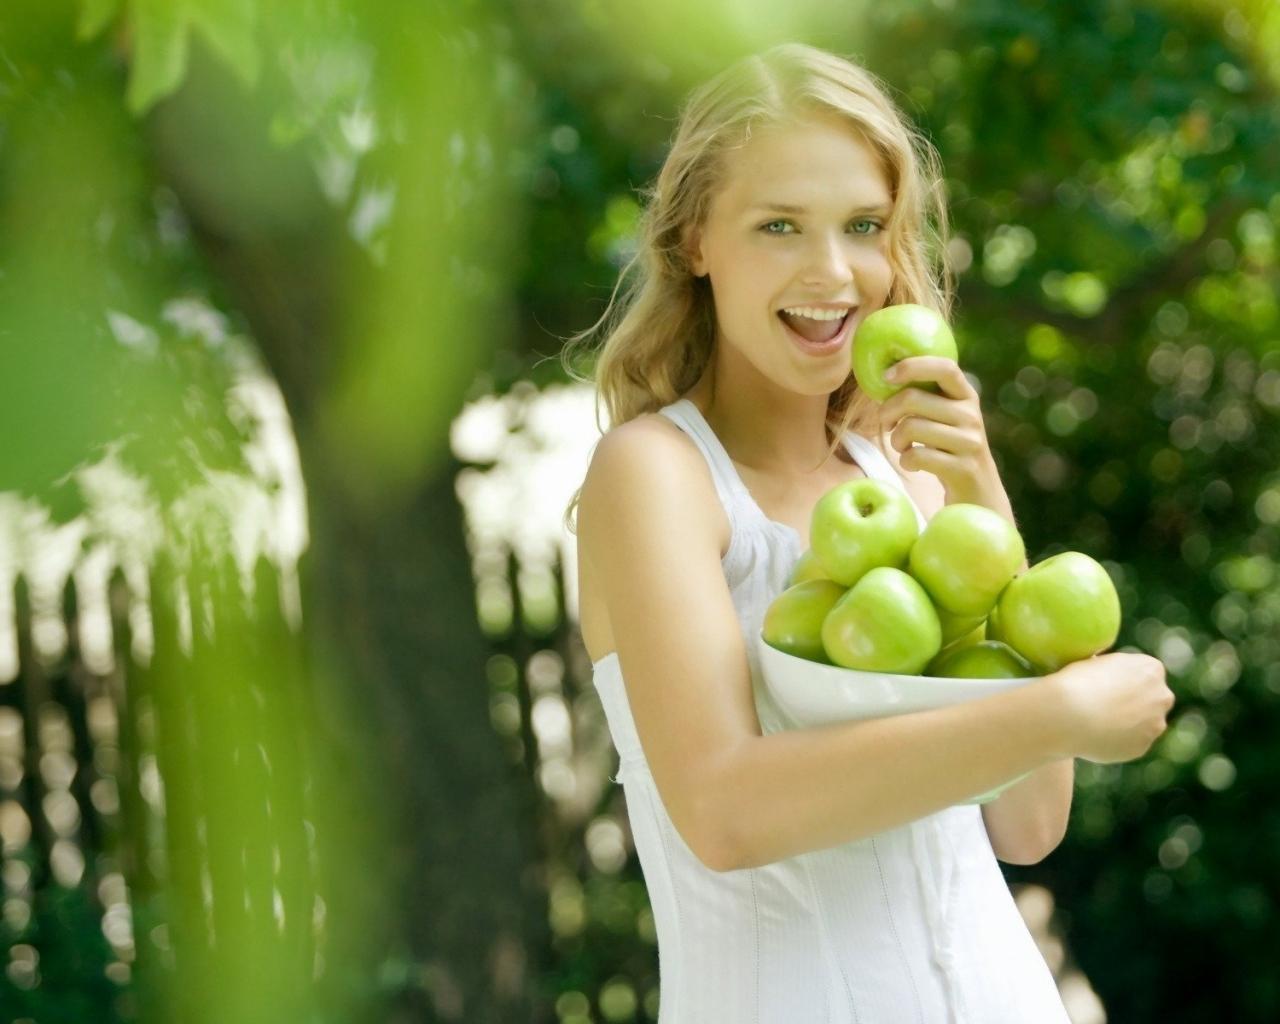 Блондинка яблоки улыбка обои для